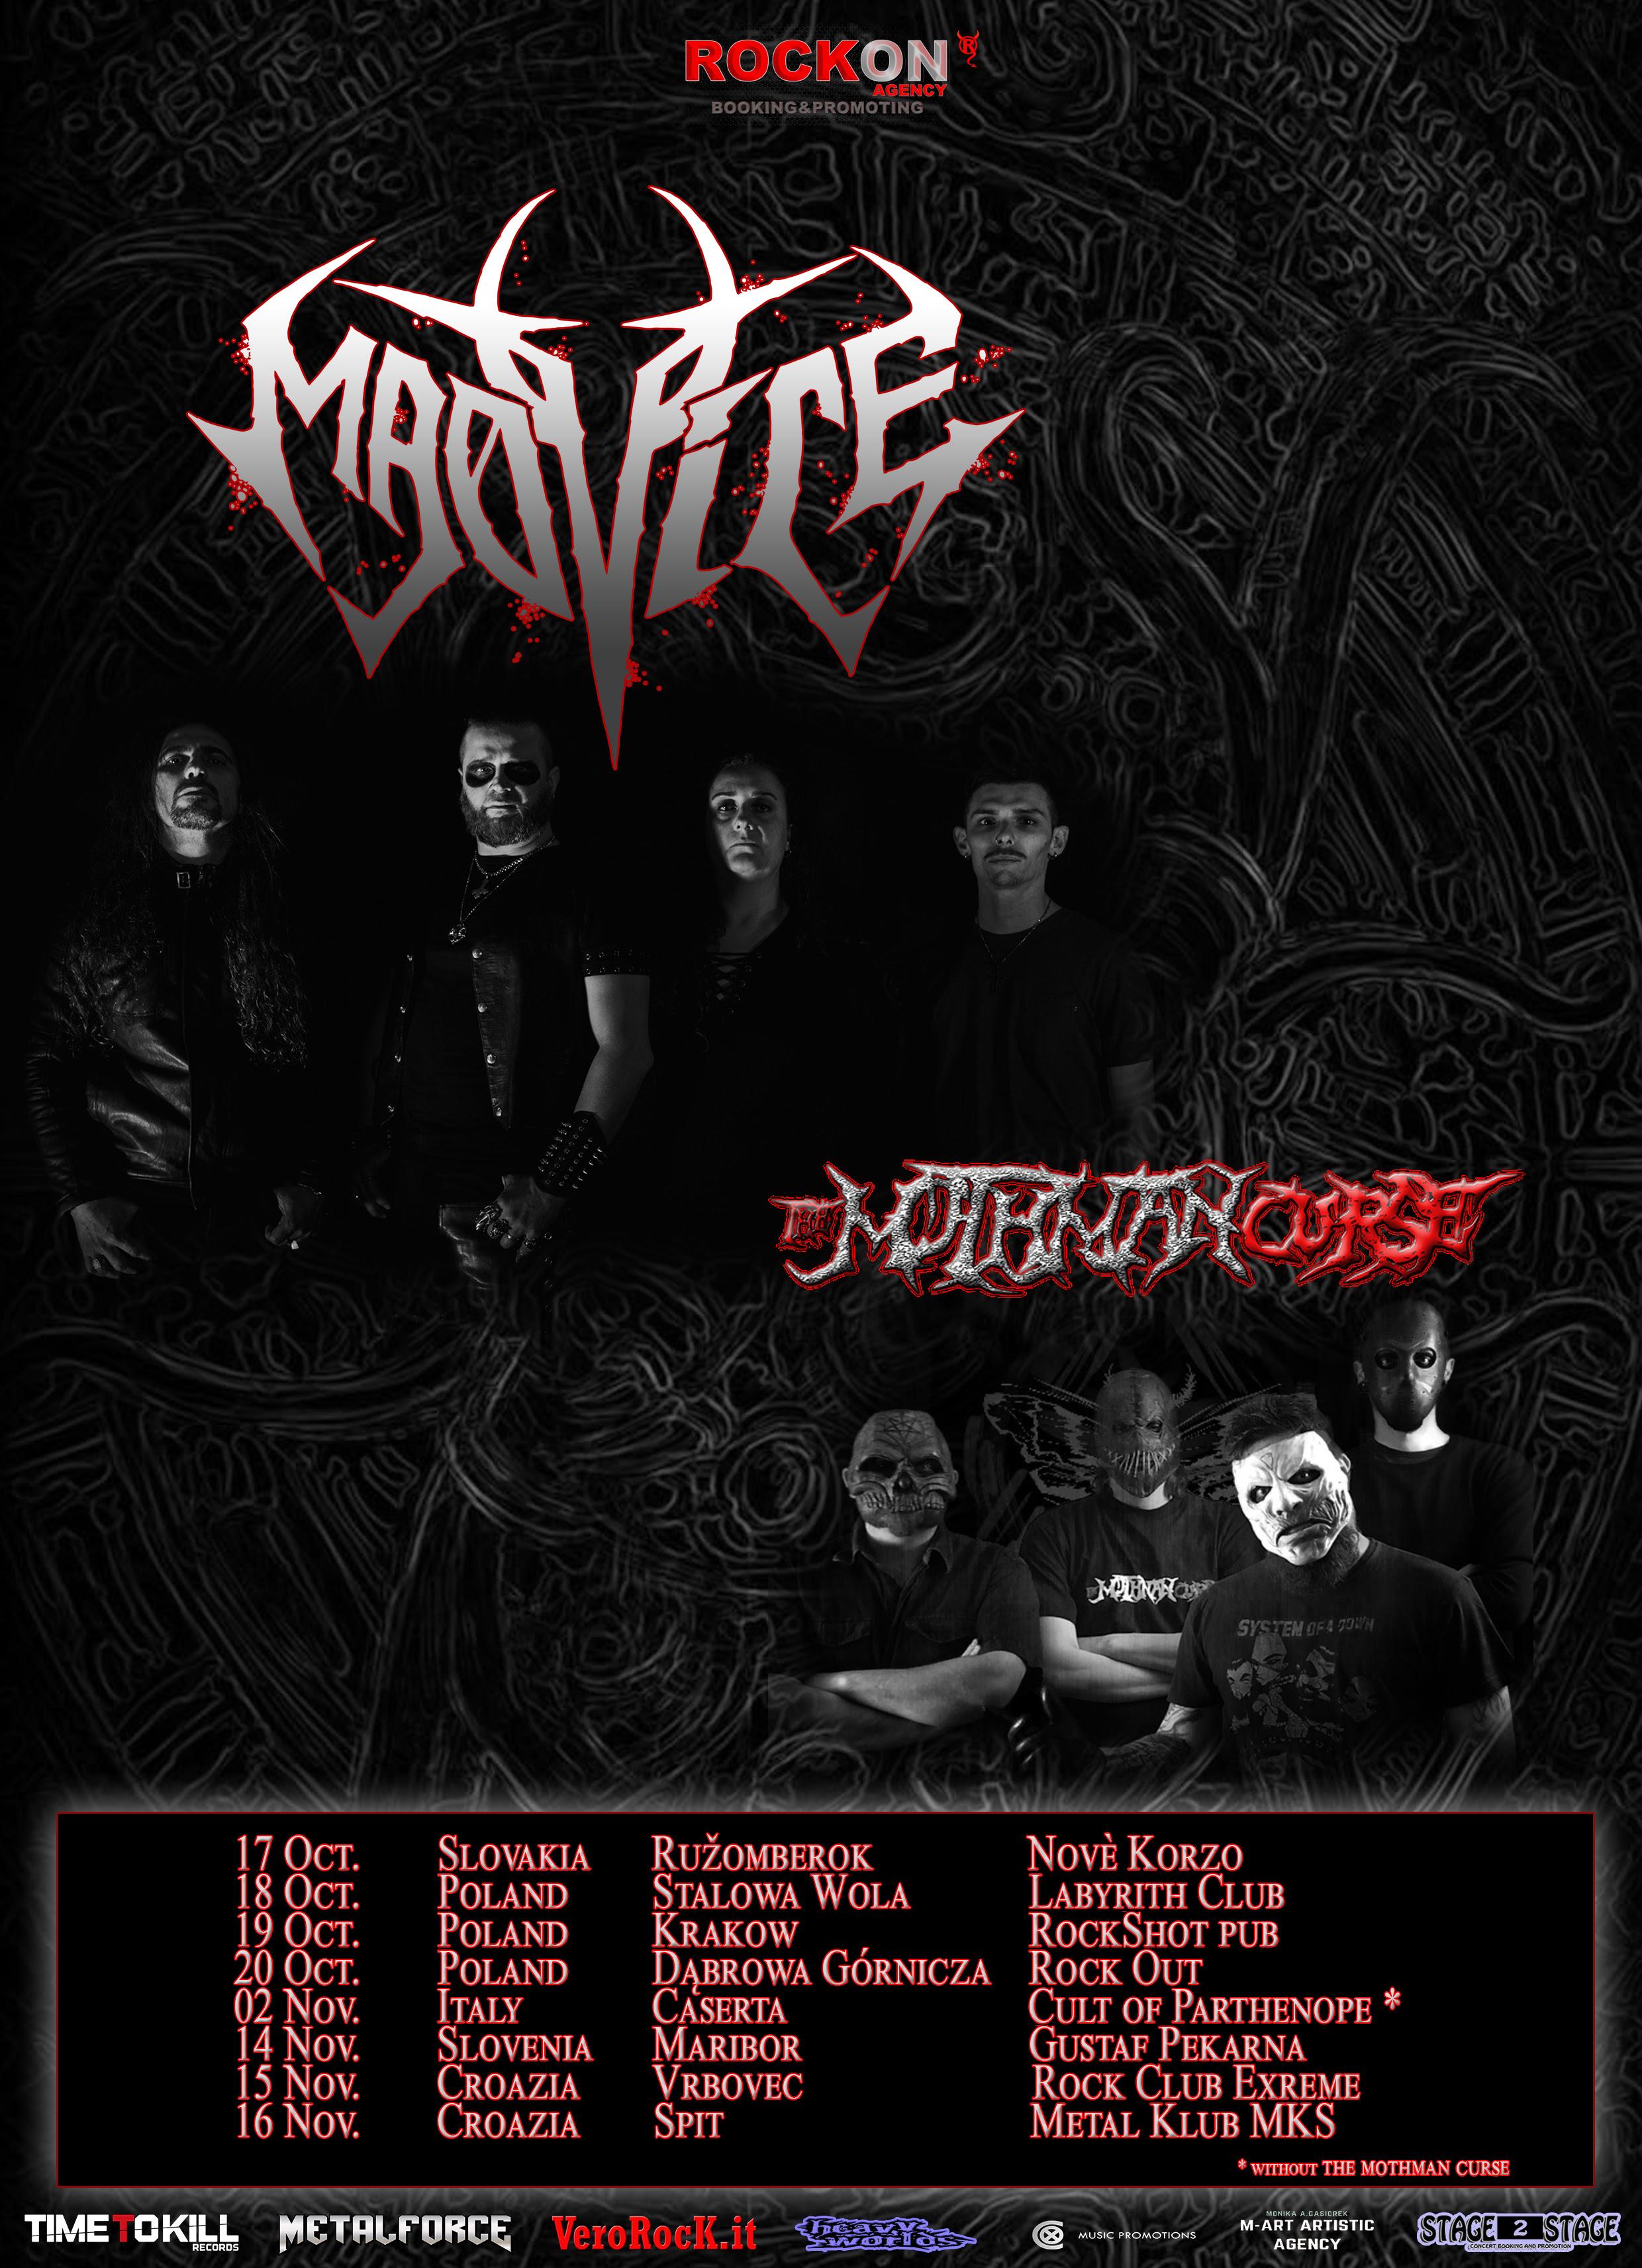 Nueva gira europea de MADVICE acompañados por THE MOTHMAN CURSE